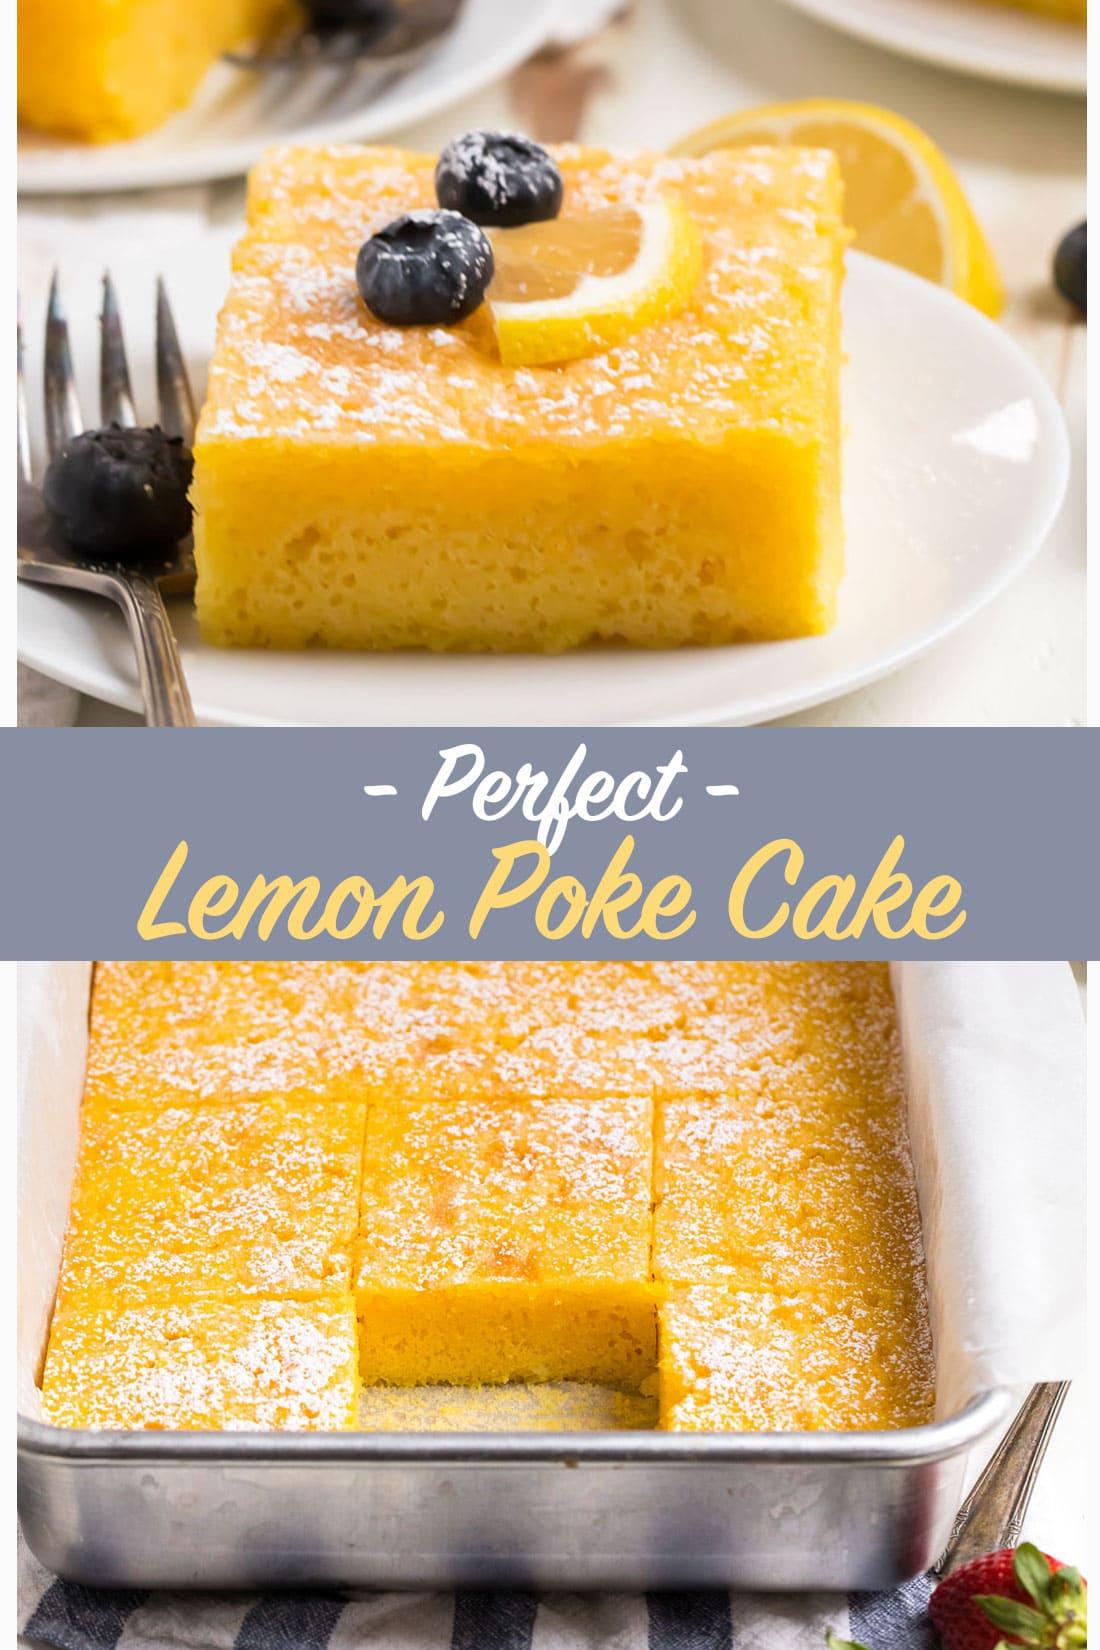 PERFECT Lemon Poke Cake. Original recipe!! Moist, easy, and bursting with lemon flavor, this old fashioned lemon jello cake uses Betty Crocker cake mix, real lemon juice, and lemon jello for triple the lemon burst flavor! #wellplated #pokecake #easydessert